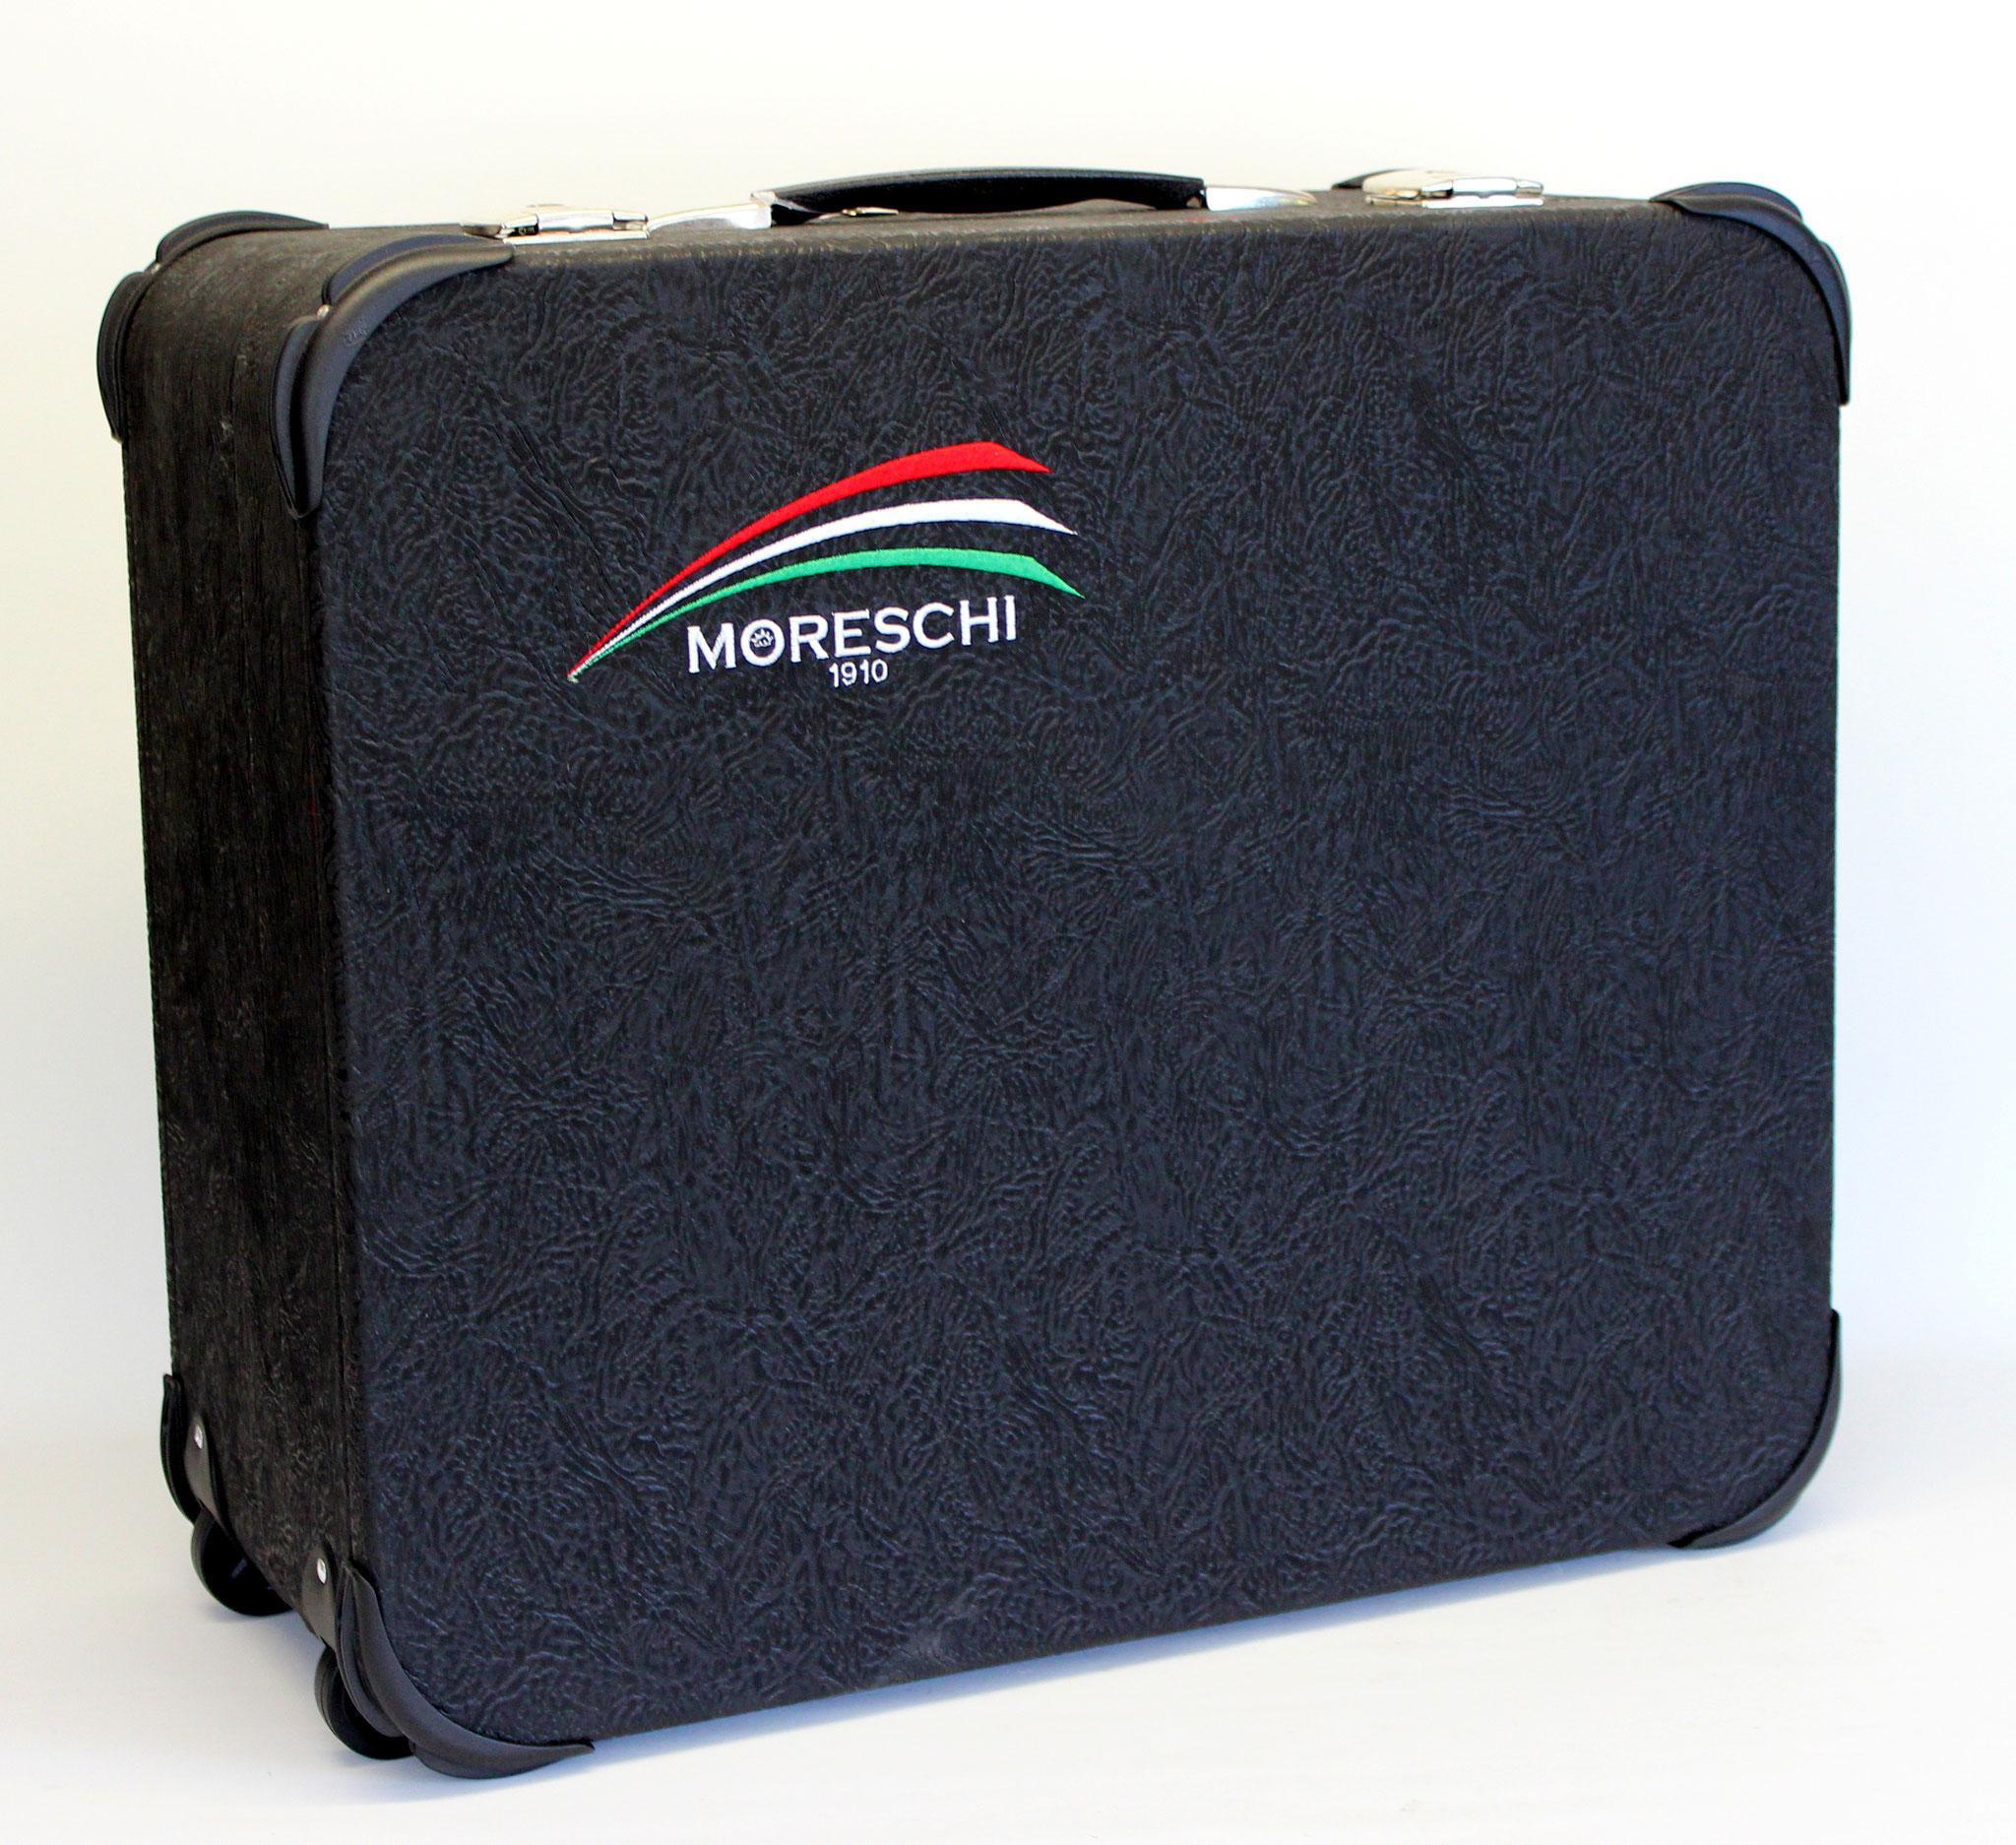 Koffer mit Logostickerei